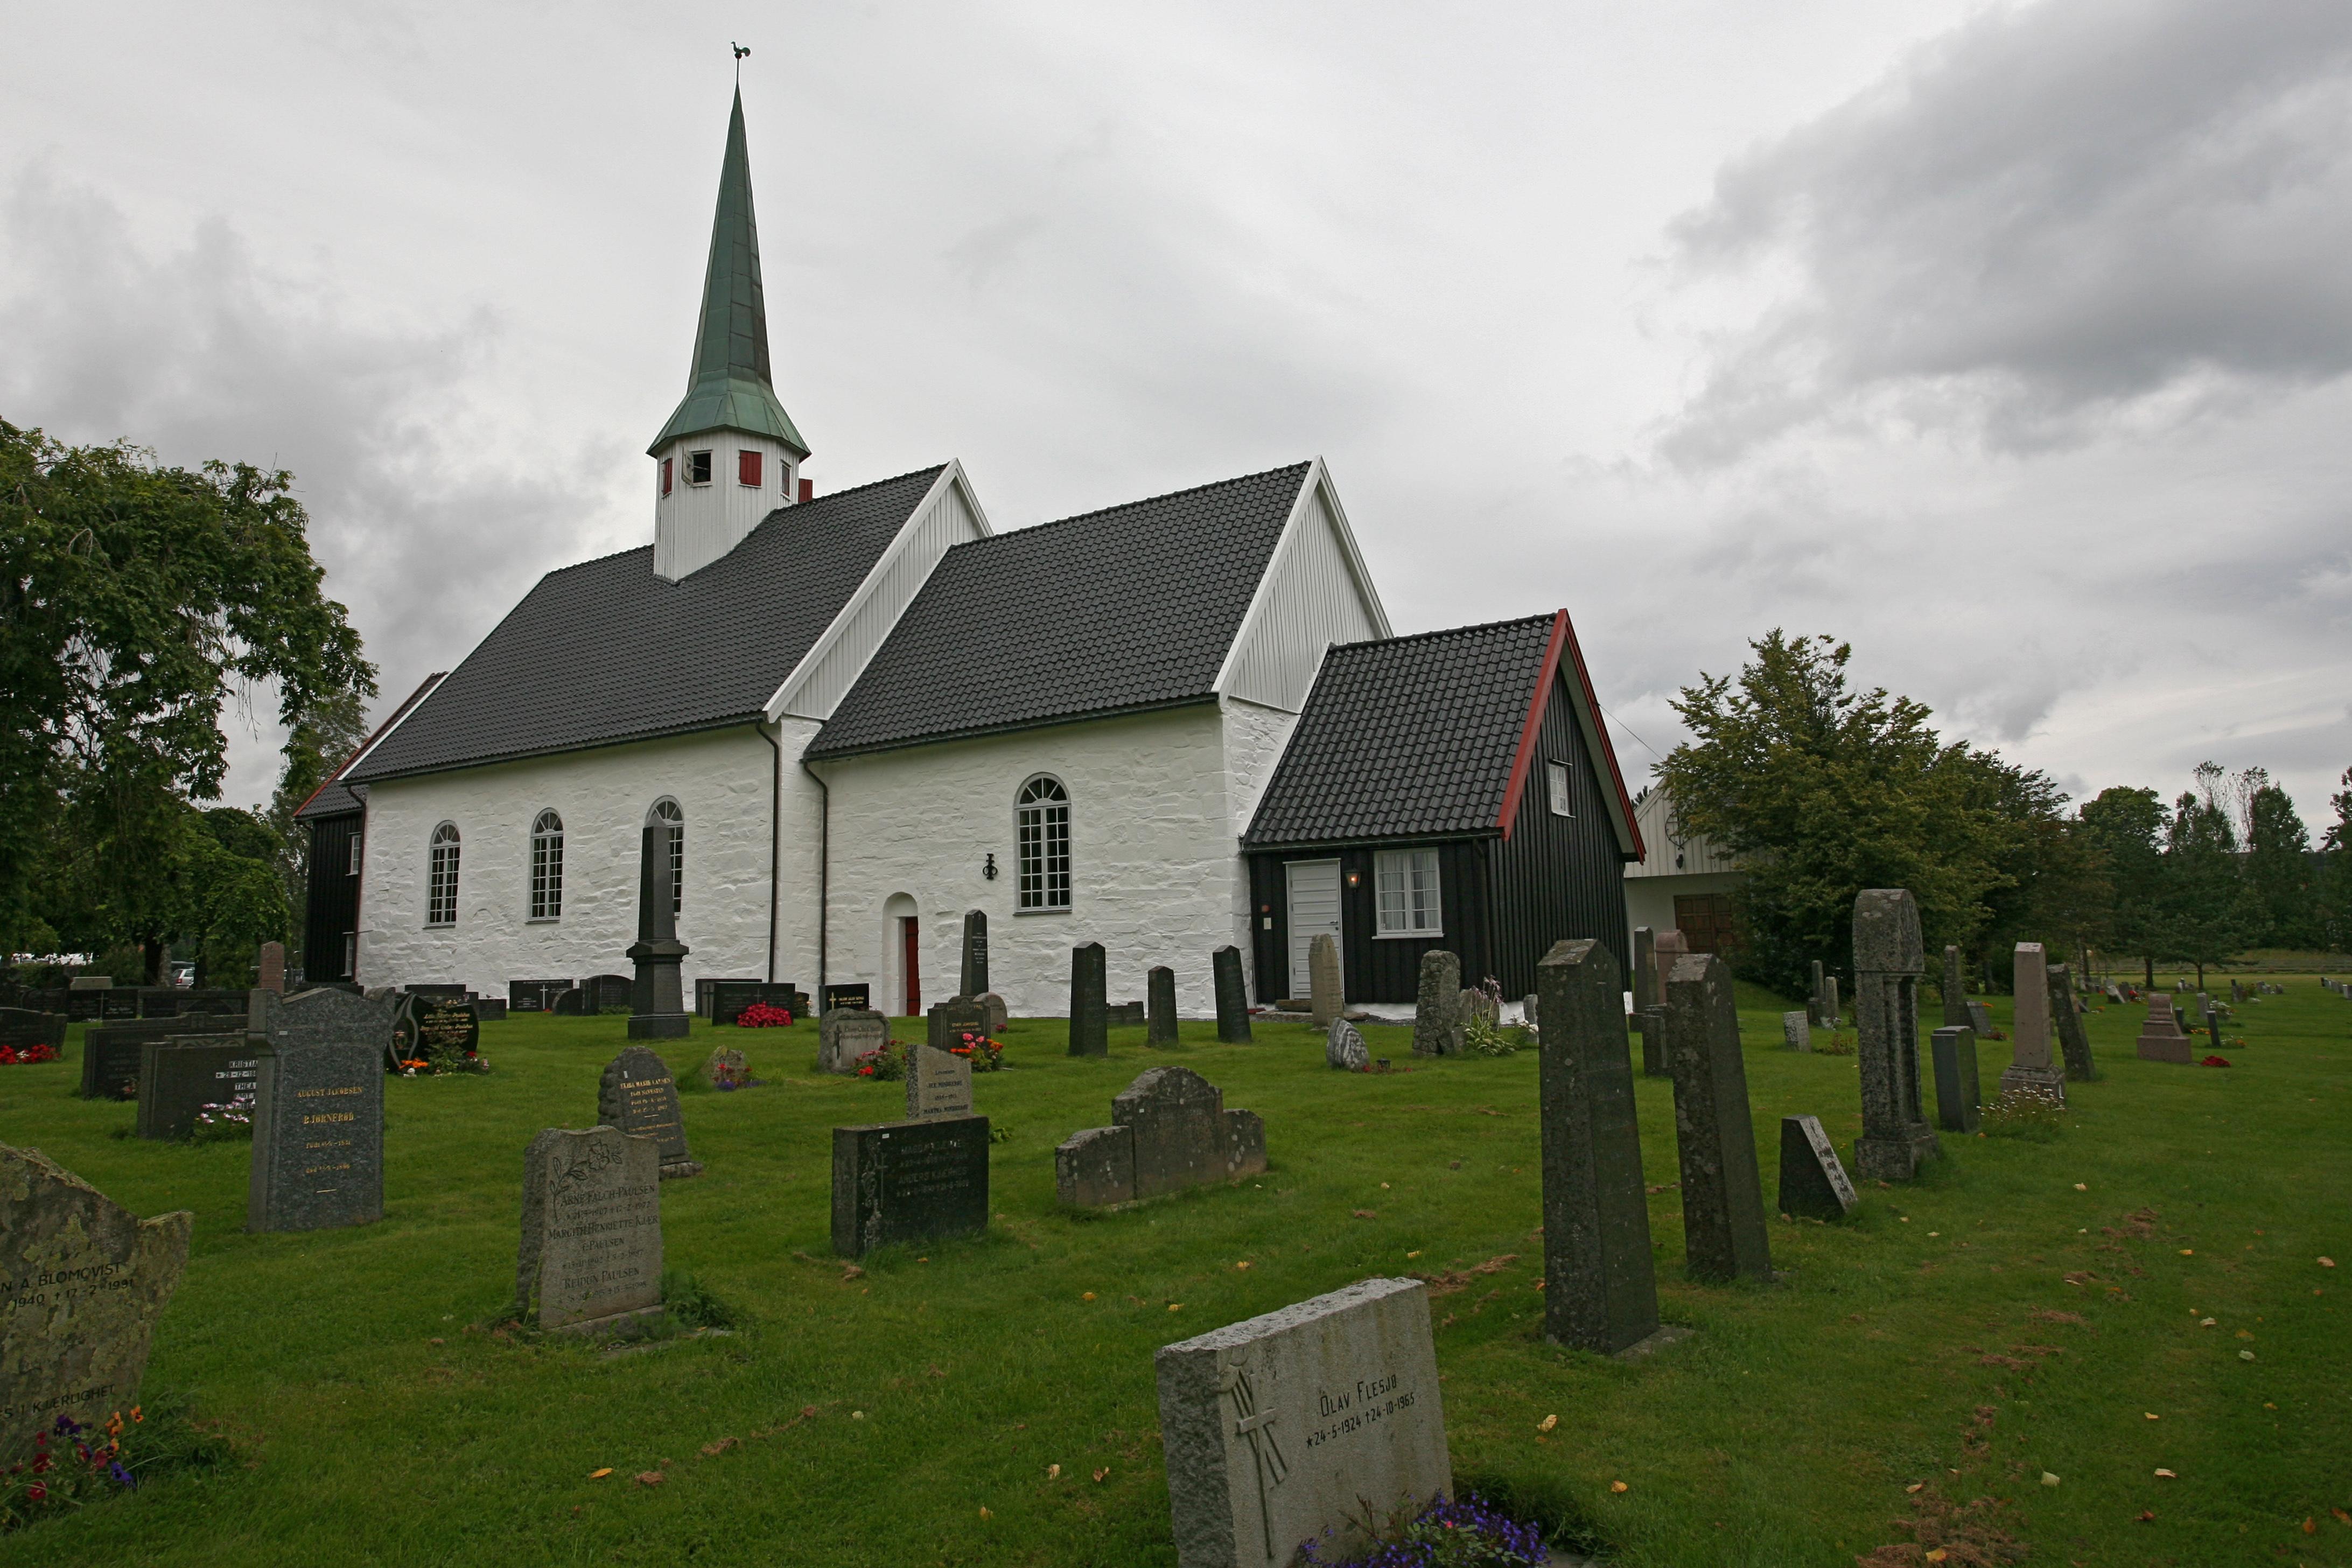 kirken dateres fra 1714 datingside for erektil dysfunksjon